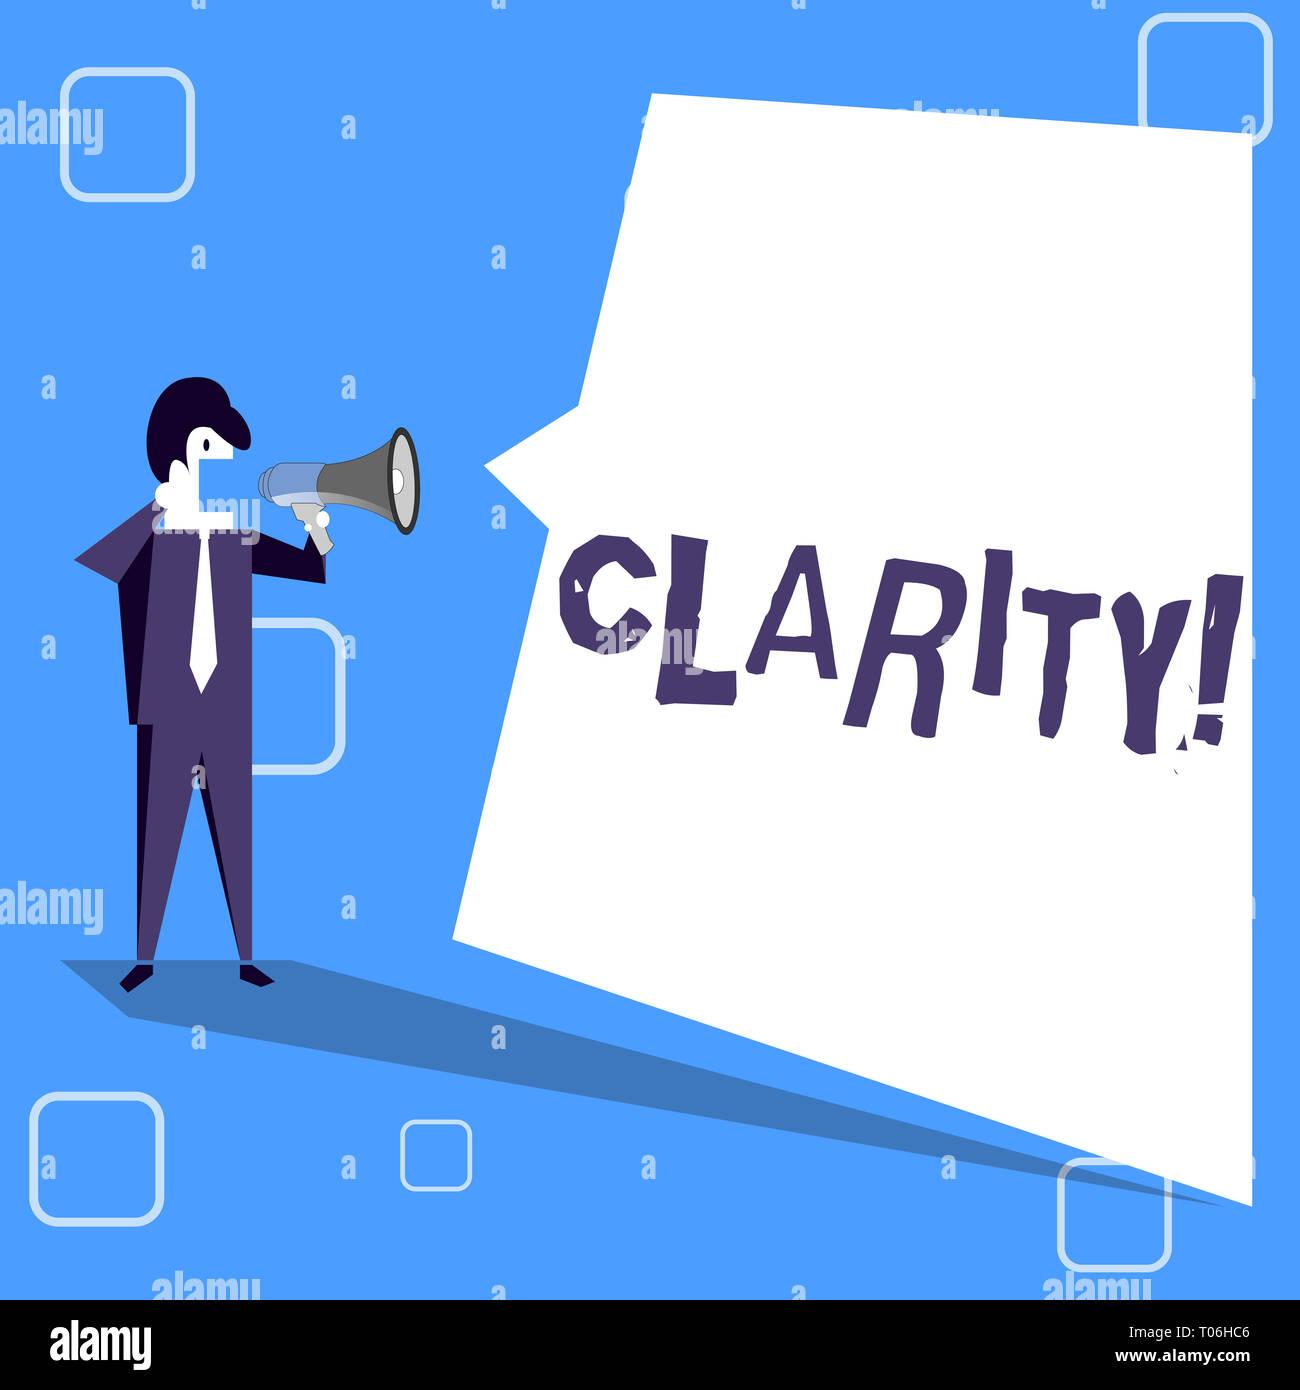 Scrittura testo scrittura di chiarezza. Foto concettuale certezza la purezza di precisione comprensibilità trasparenza accuratezza imprenditore gridando su Megaphon Immagini Stock